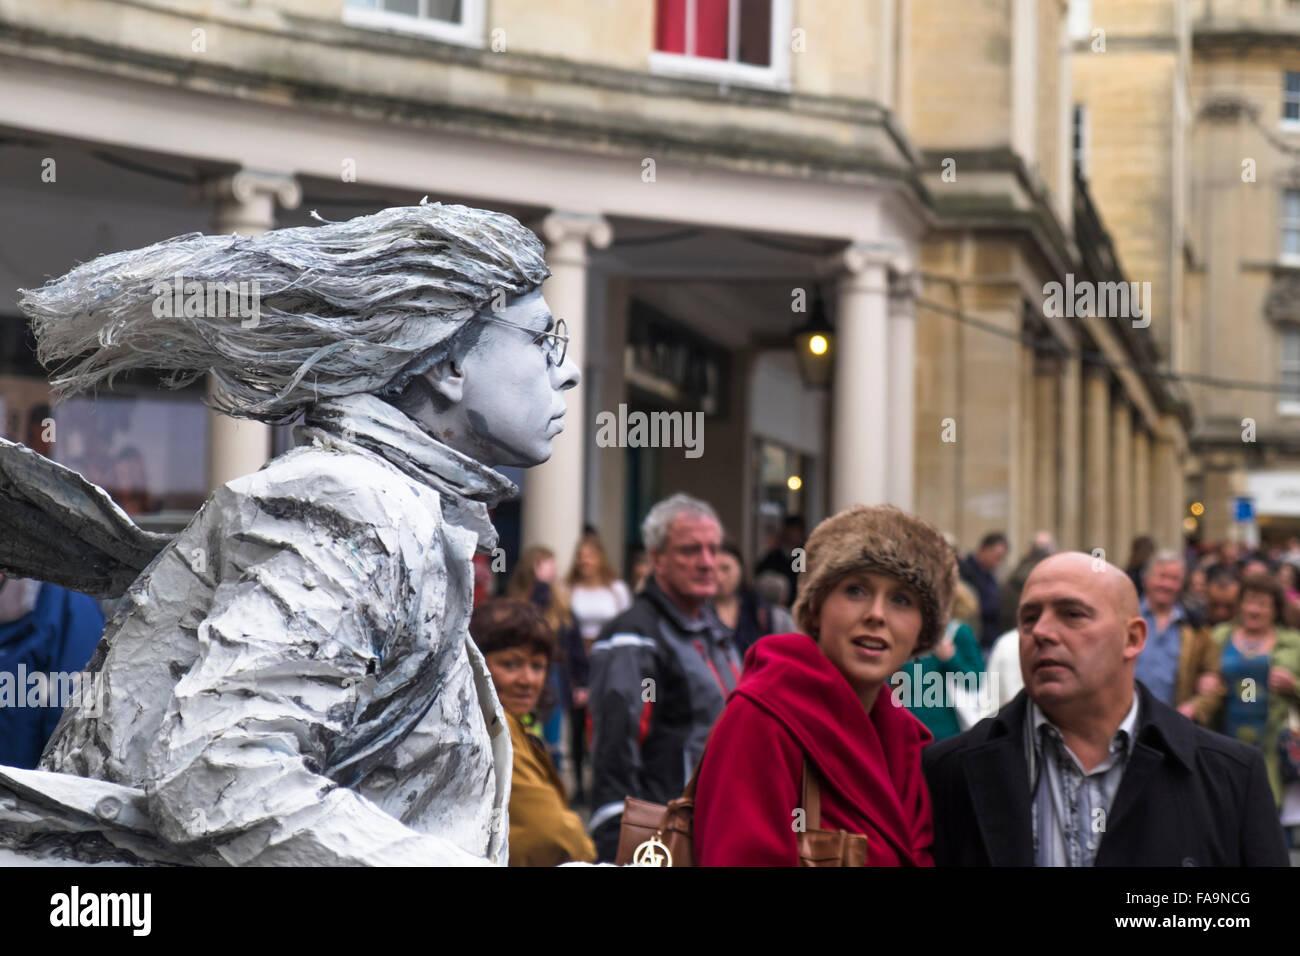 the-silver-living-statue-in-bath-city-ce